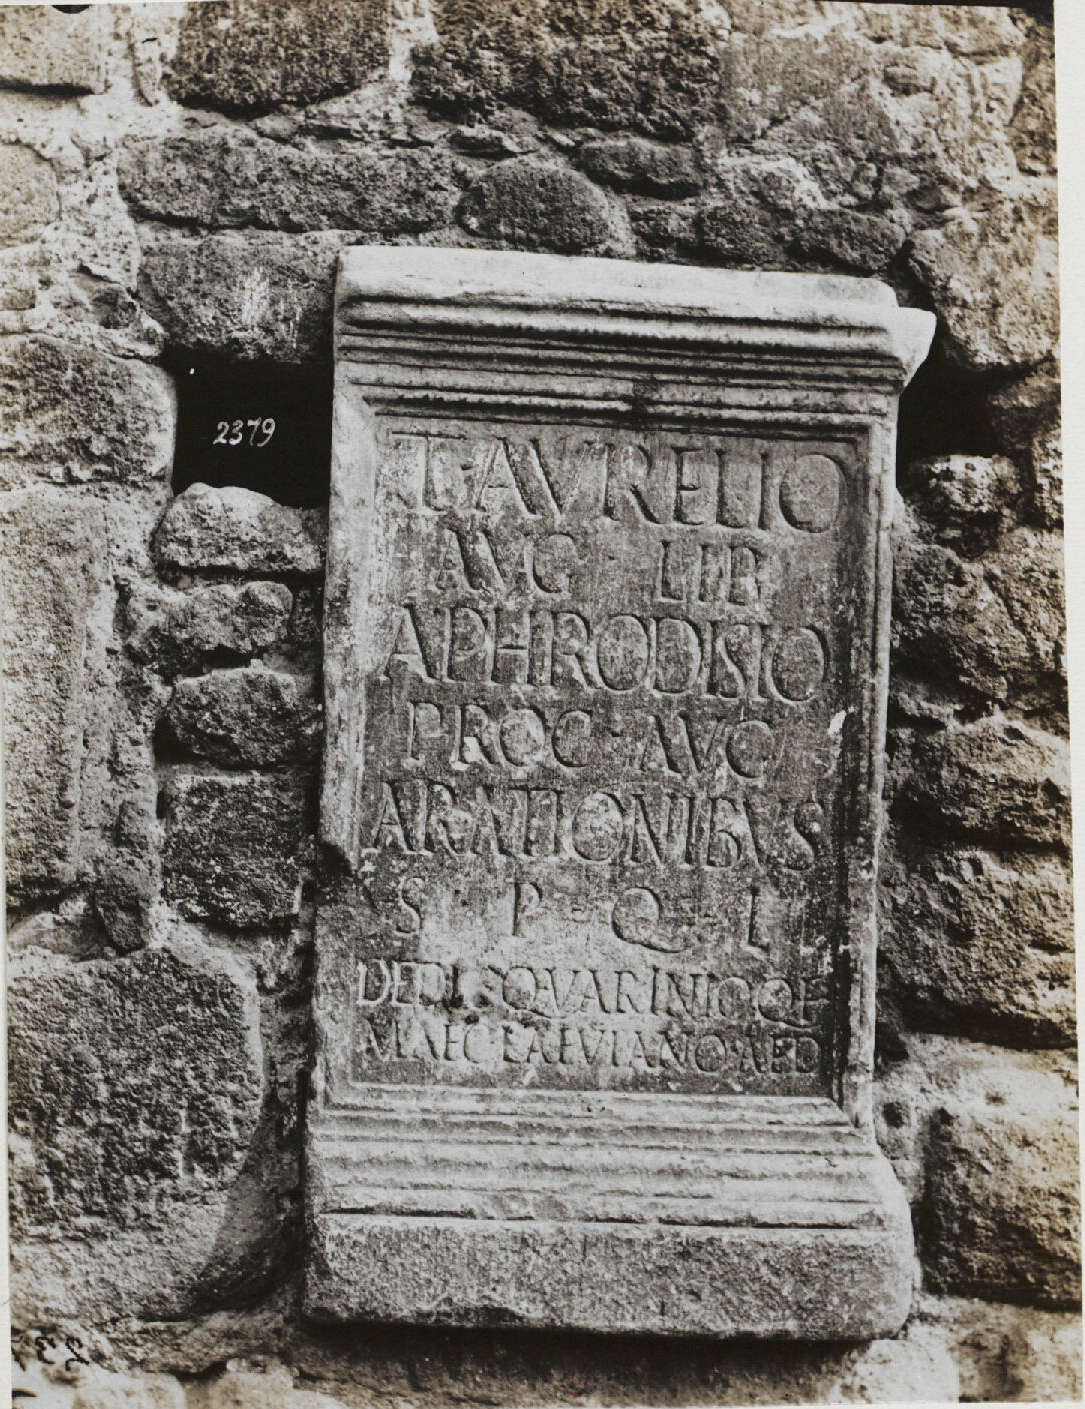 Ланувий. Надпись, посвященная сенатору Ланувия Аврелию Афродизиусу, примерно 10 г.н.э.